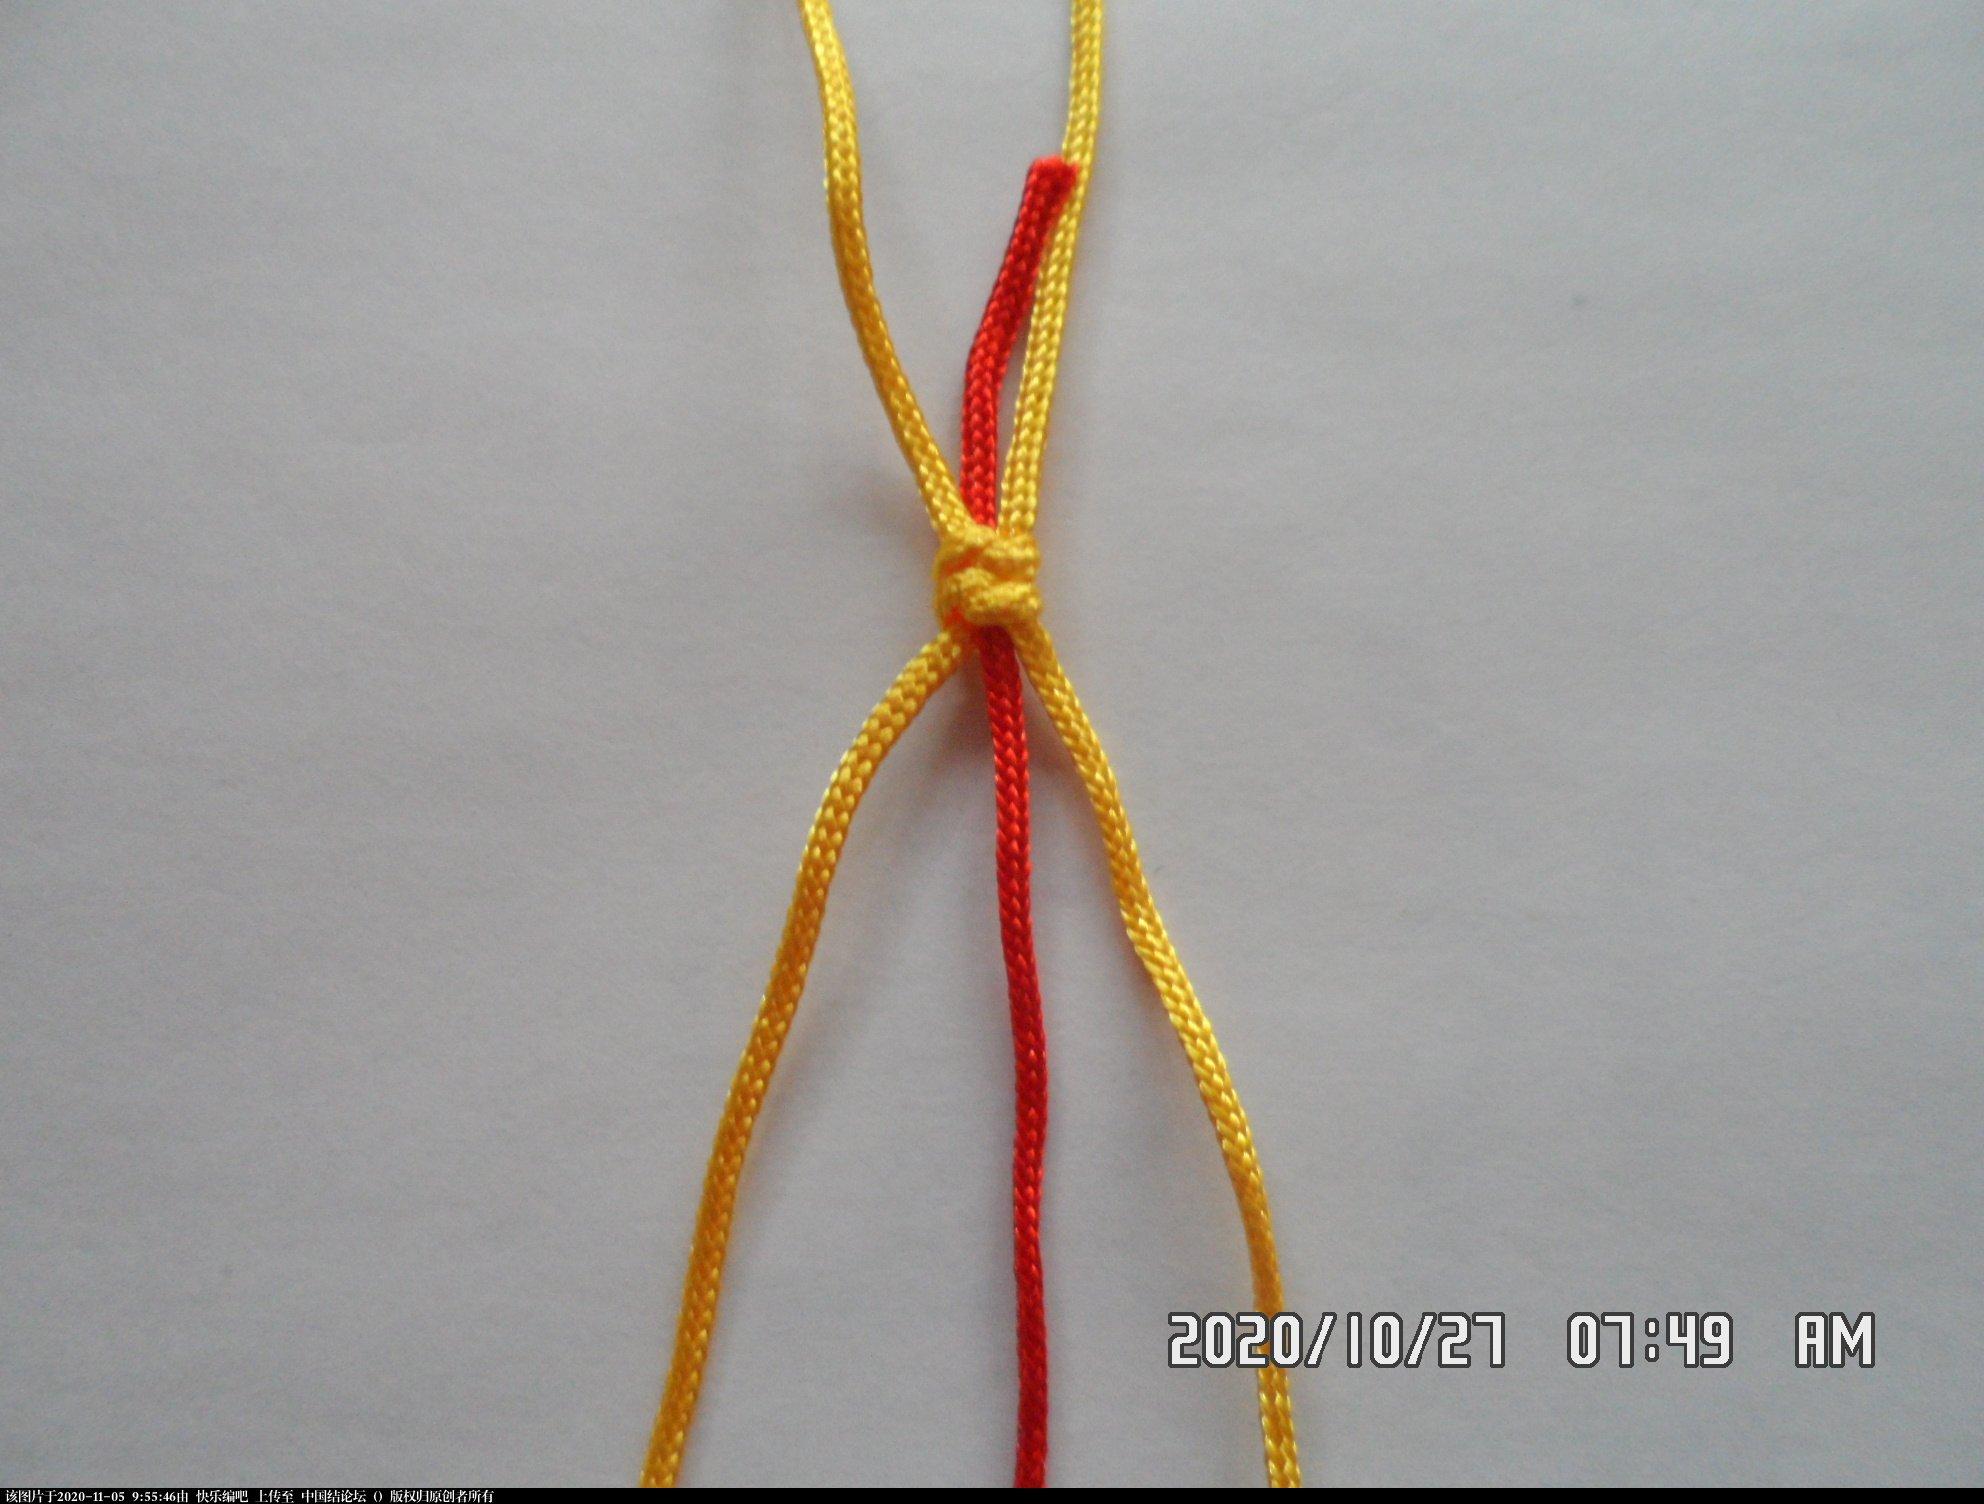 中国结论坛 一款添加装饰线的平结手绳 —— 平结还可以这样编(4) 平结,平结的链,手链,中国结入门基础教程 图文教程区 085934y5jjwqqj95jzq4jj